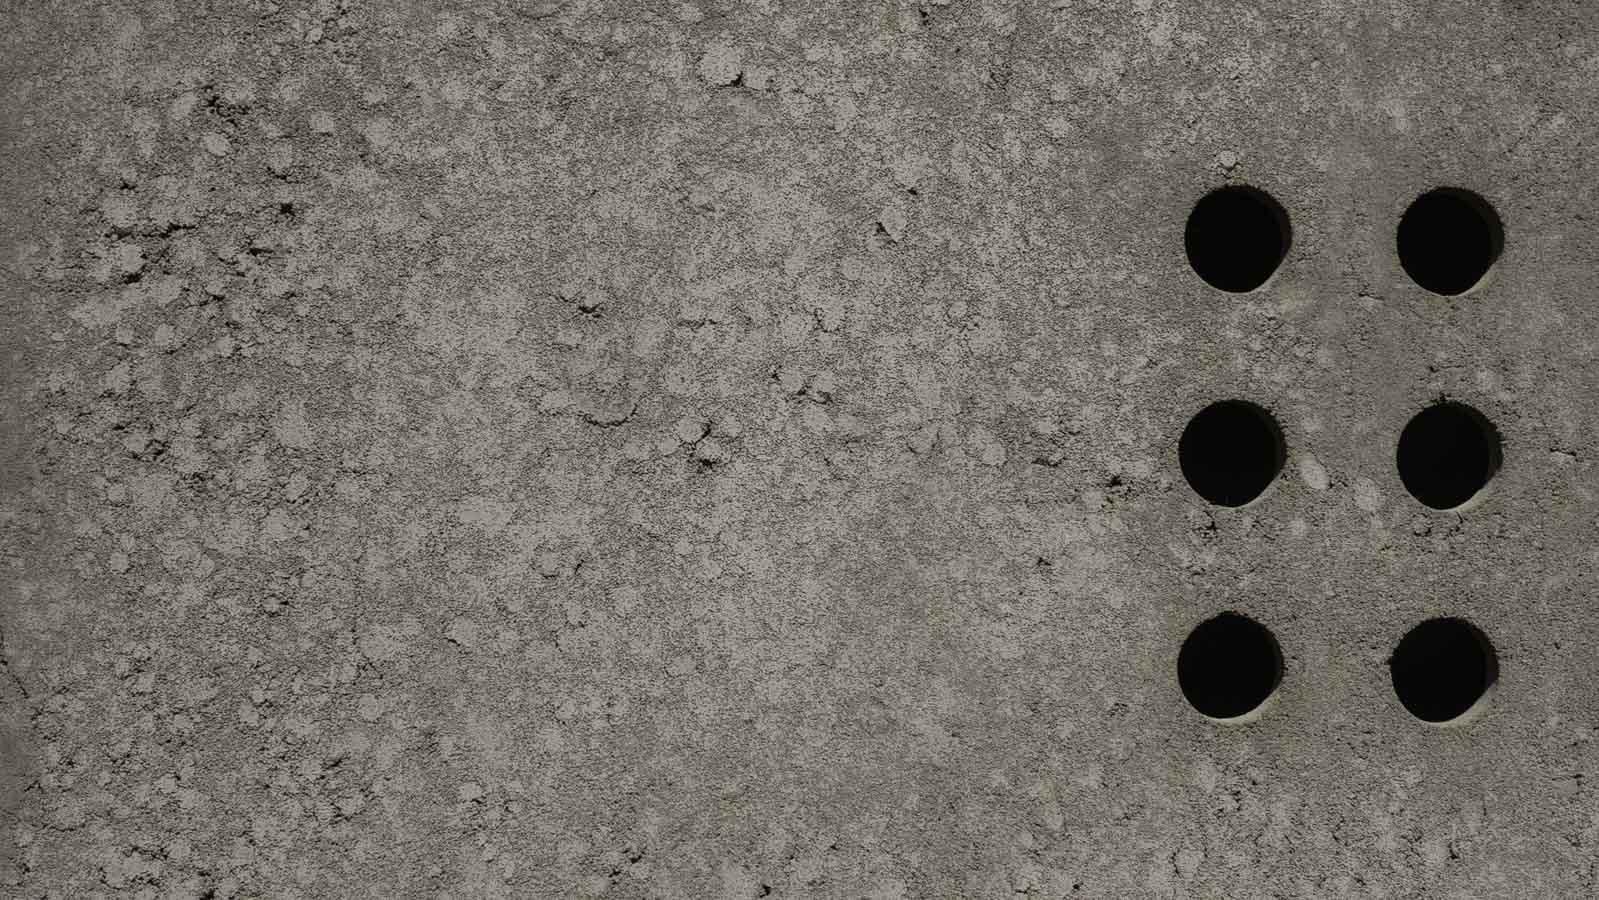 AT Betonowe szafka RTV z wentylacja20160524-_1030502-2 kamil konarski anna tasarz